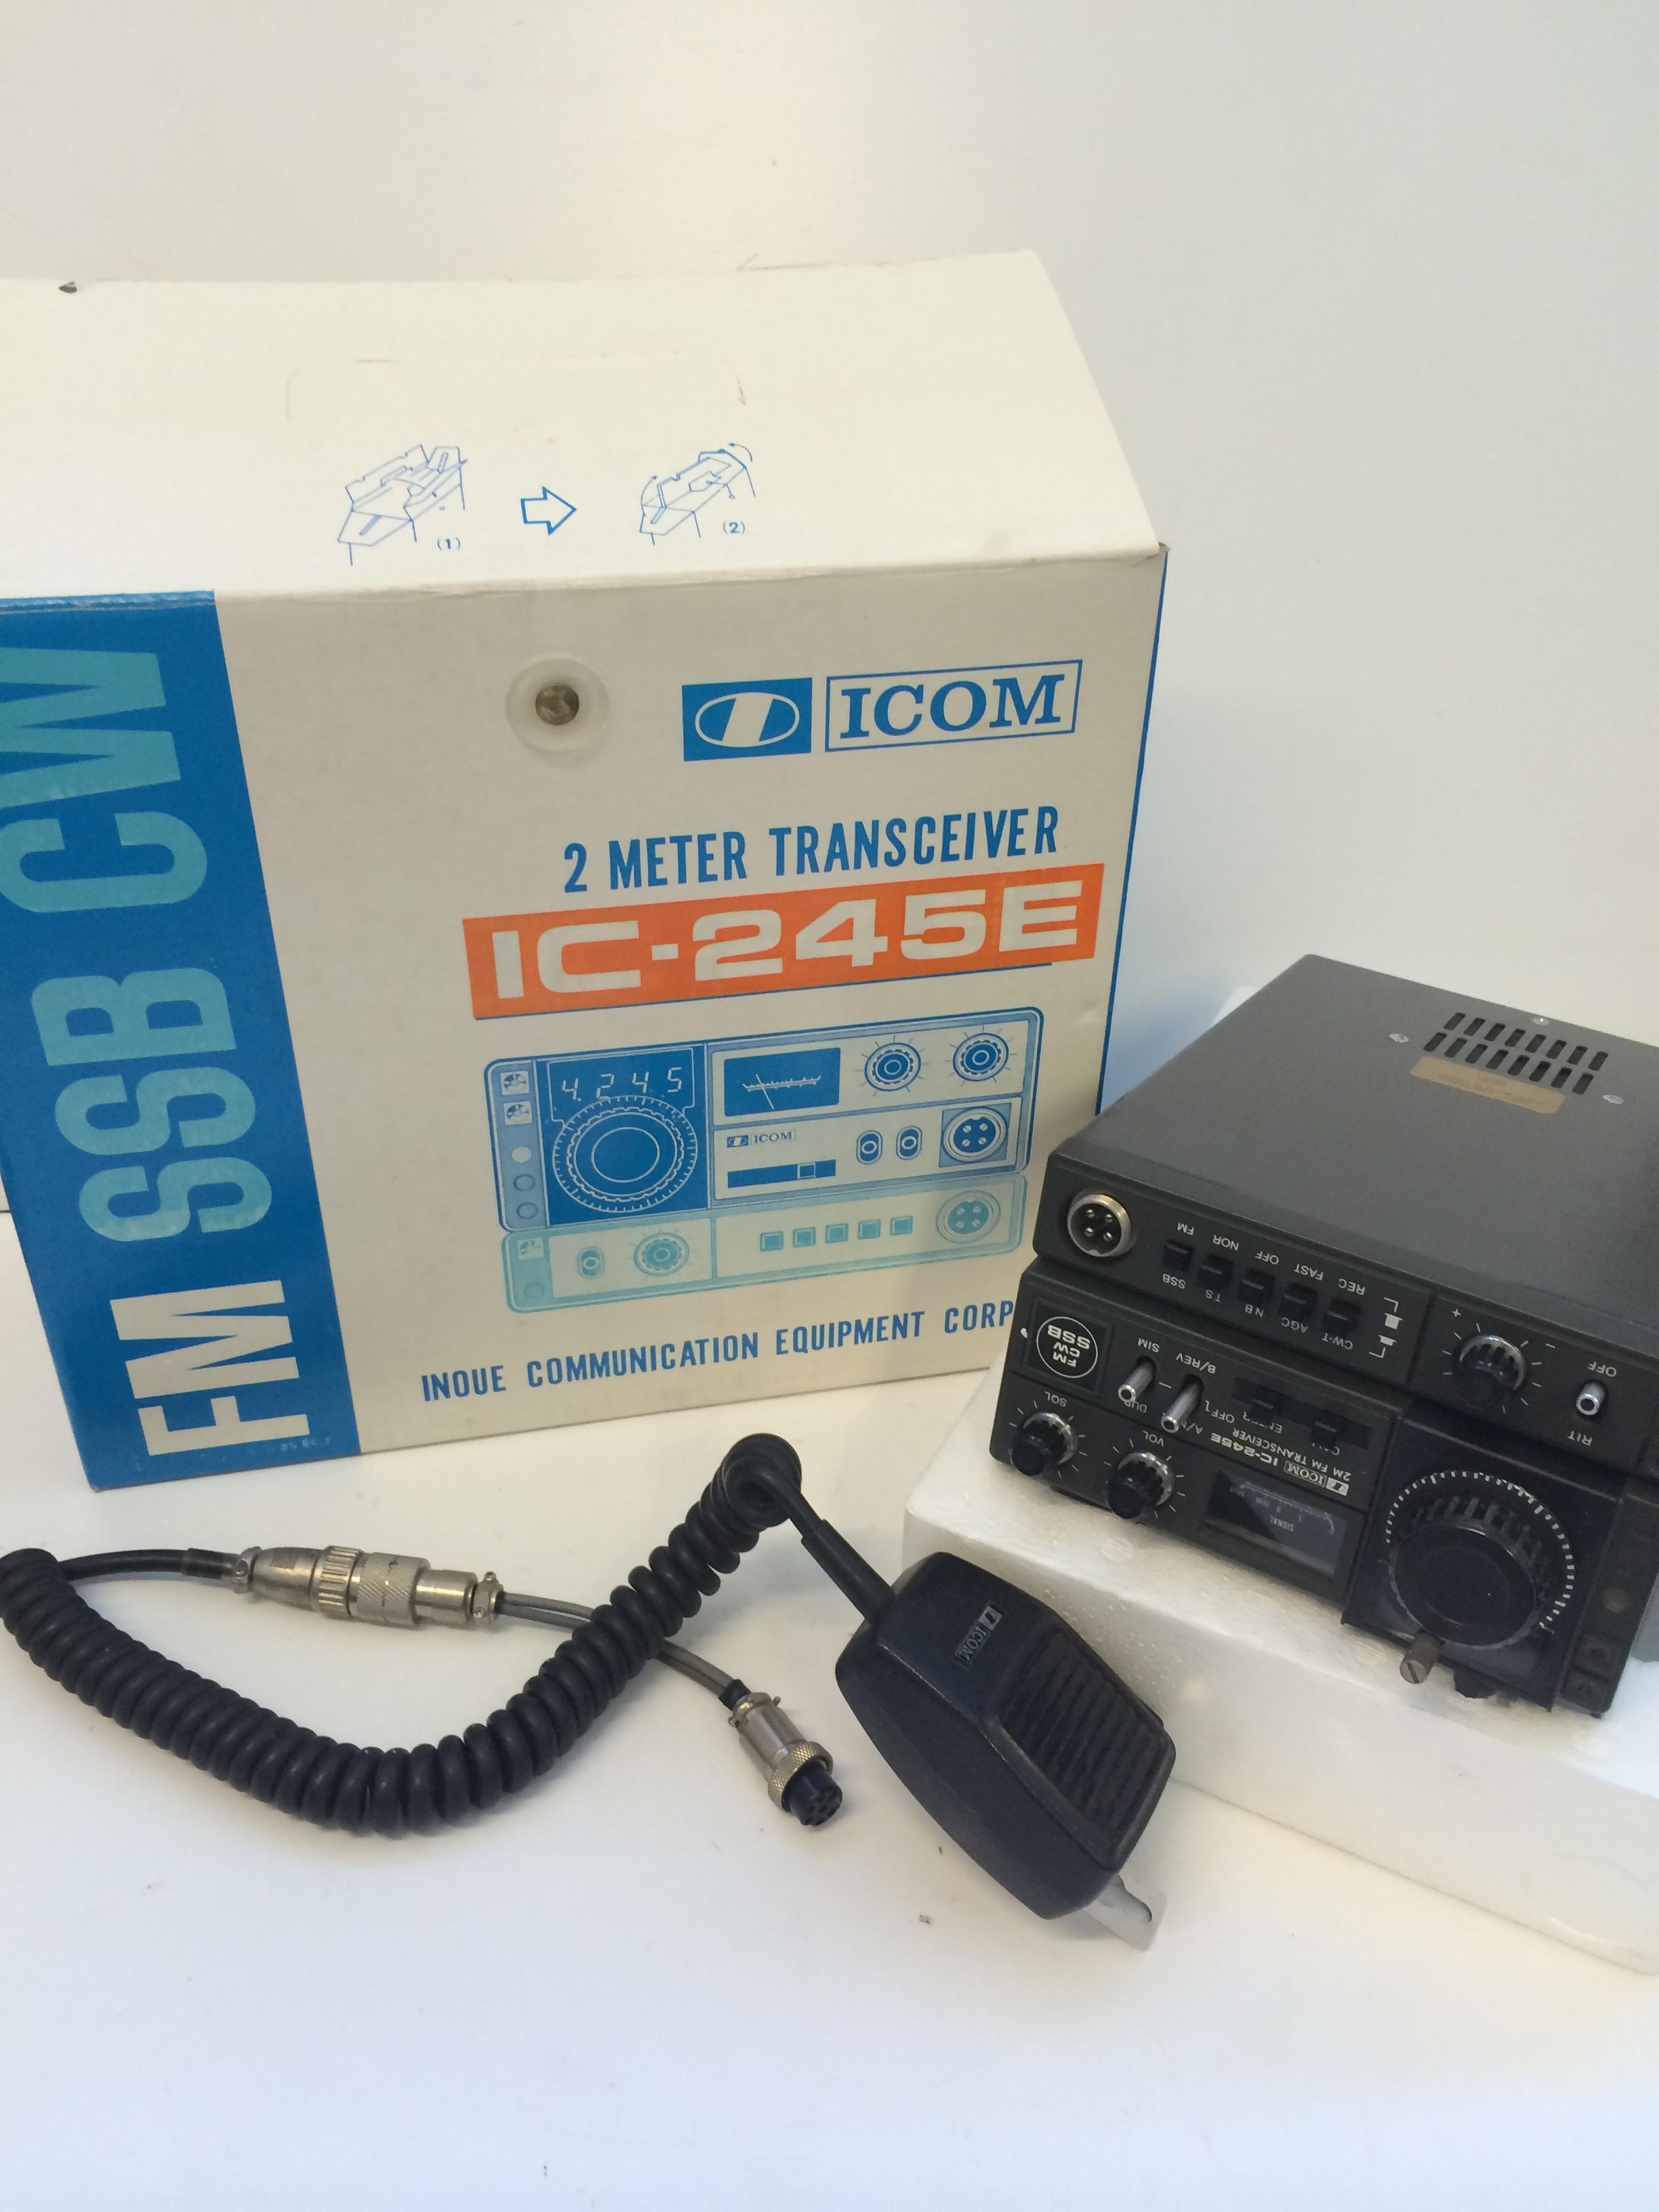 ICOM 2 Meter Transceiver IC-245E :